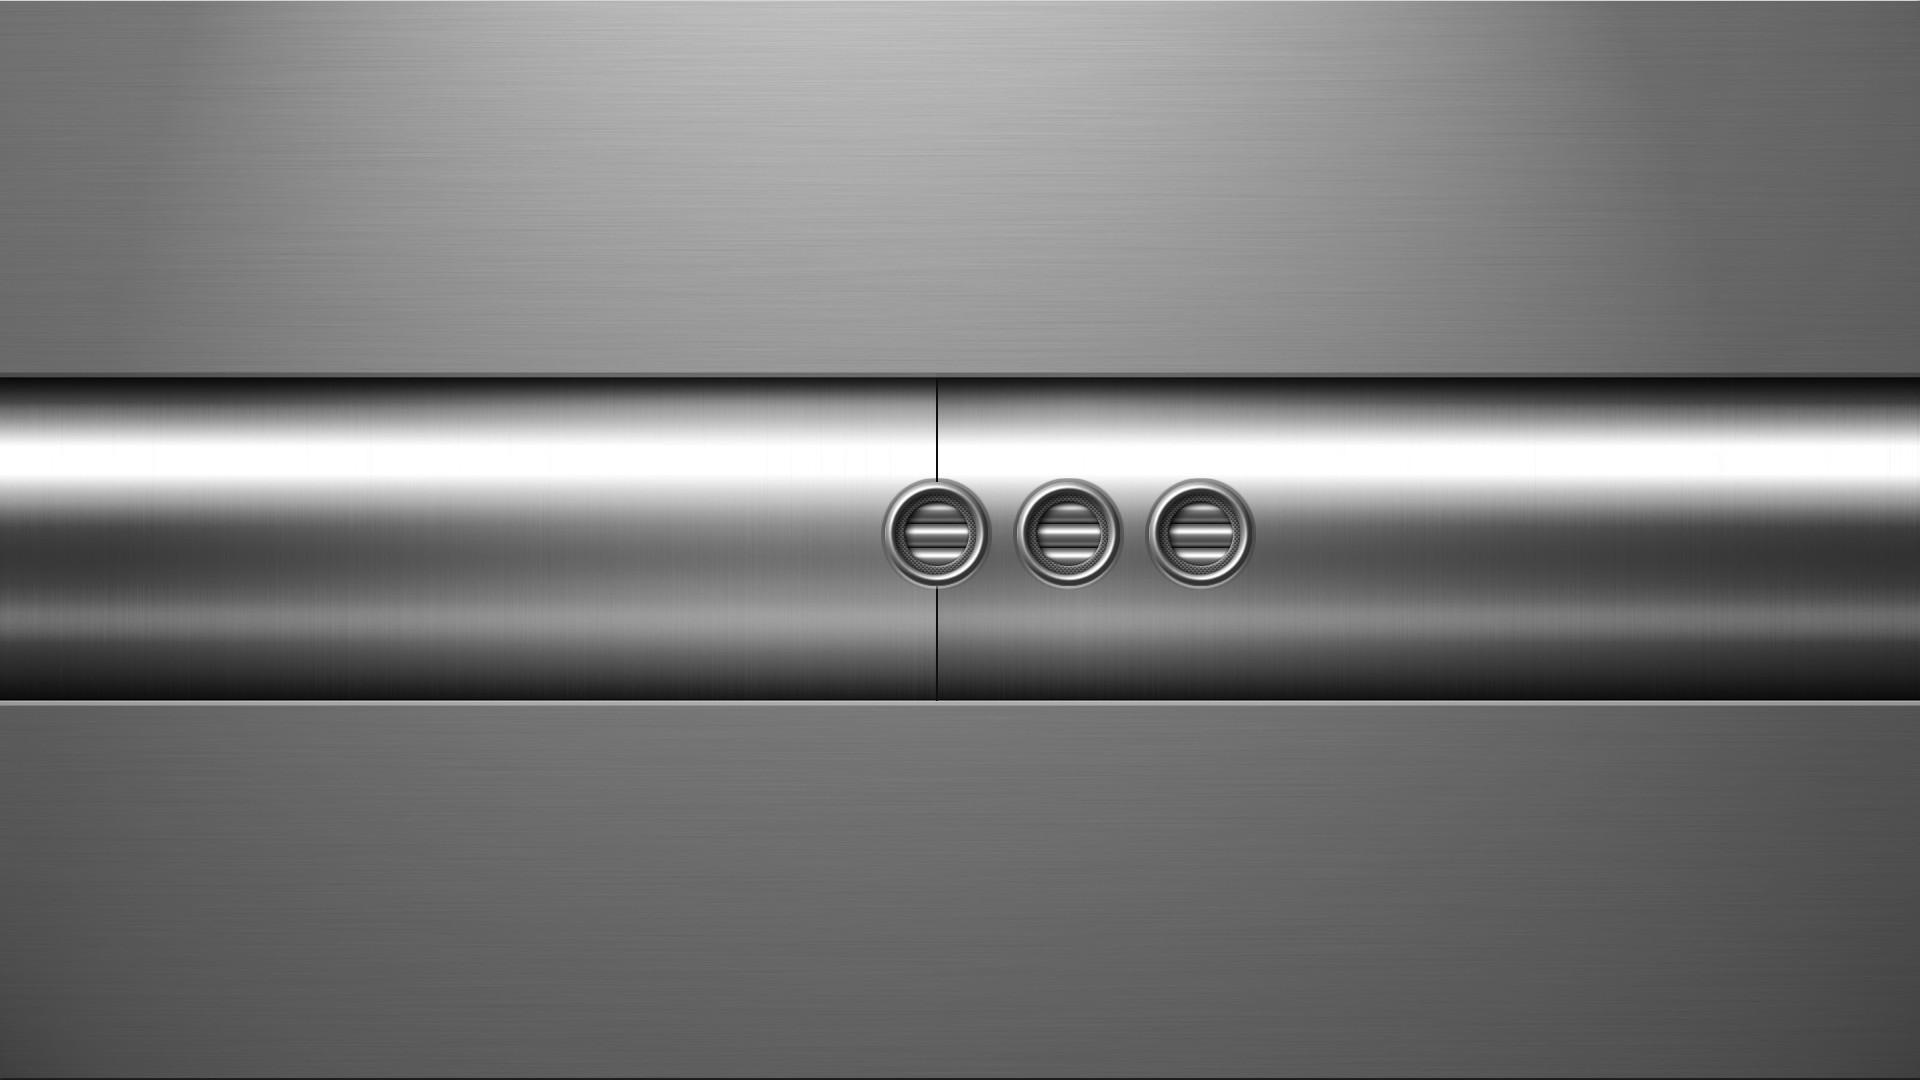 steel wallpaper 3 by ~coolcat21 on deviantART